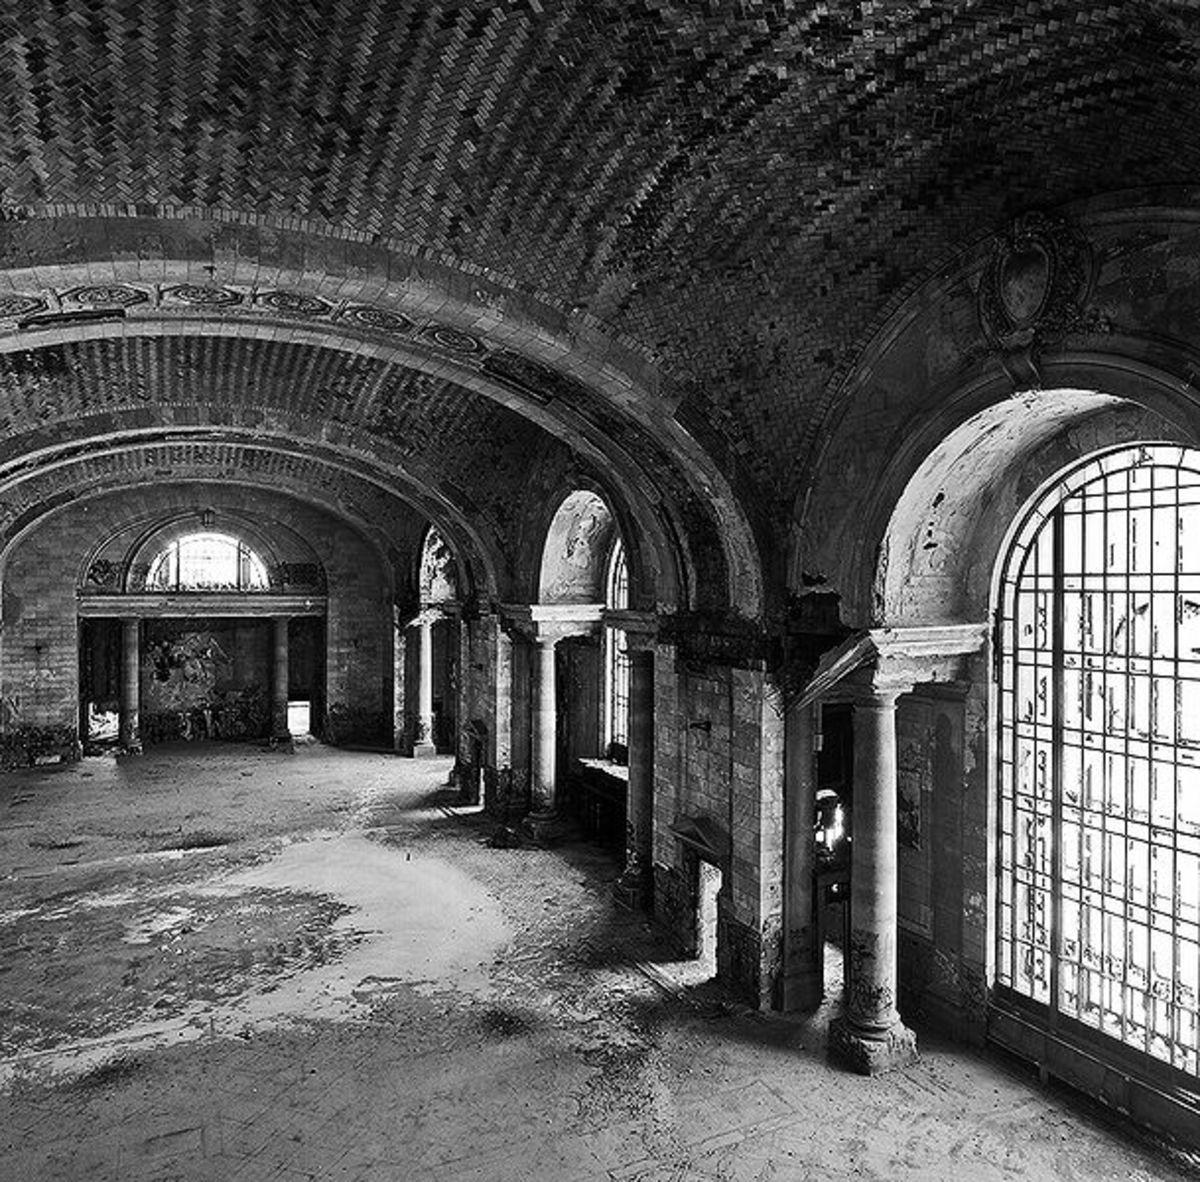 Interior Mezzanine of Michigan Central Station